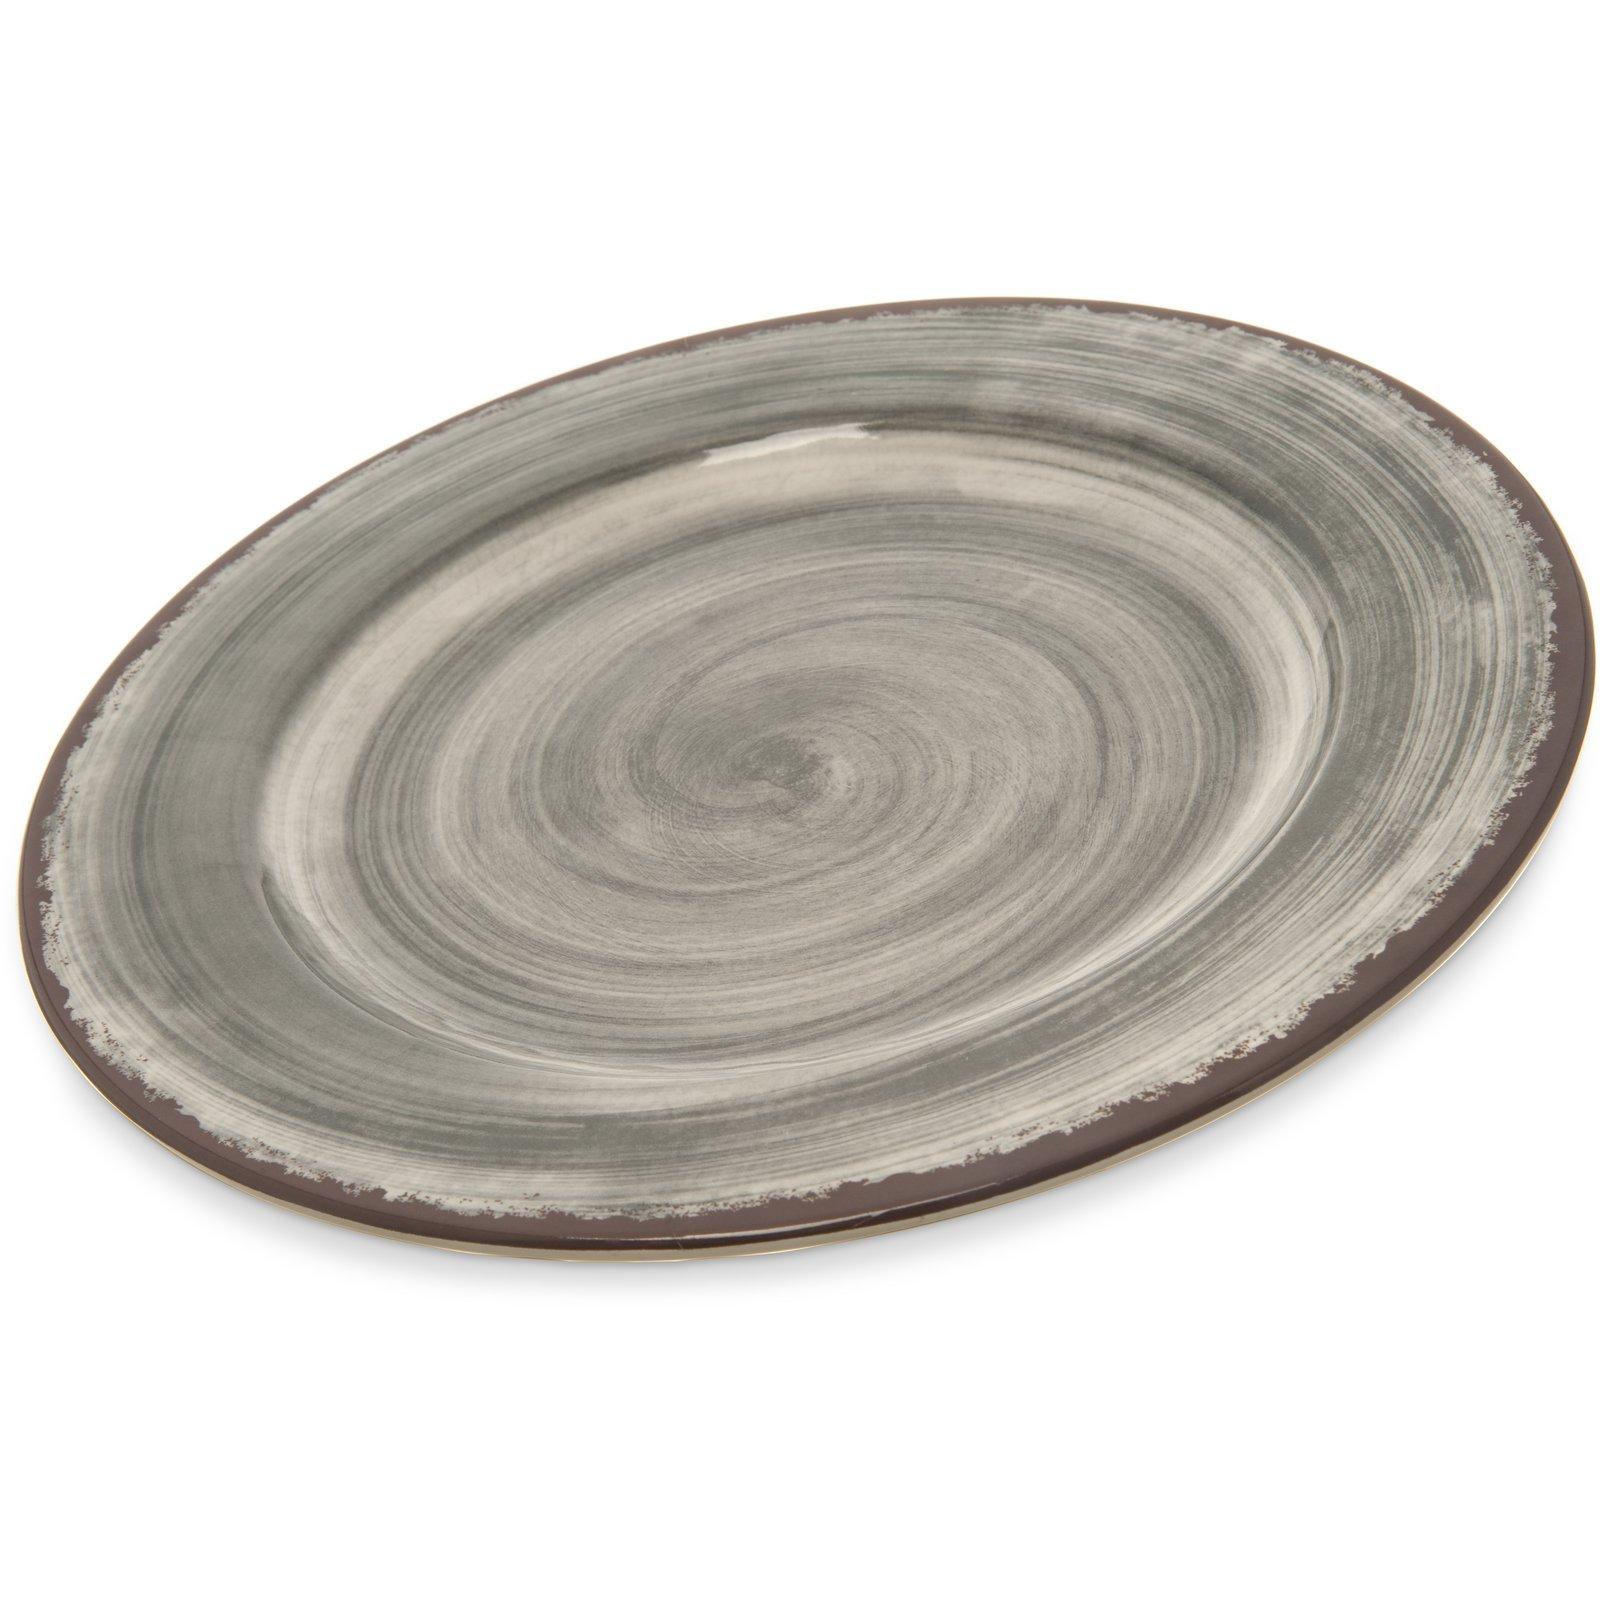 5400118 - Mingle Melamine Dinner Plate 11  - Smoke  sc 1 st  Carlisle FoodService Products & 5400118 - Mingle Melamine Dinner Plate 11